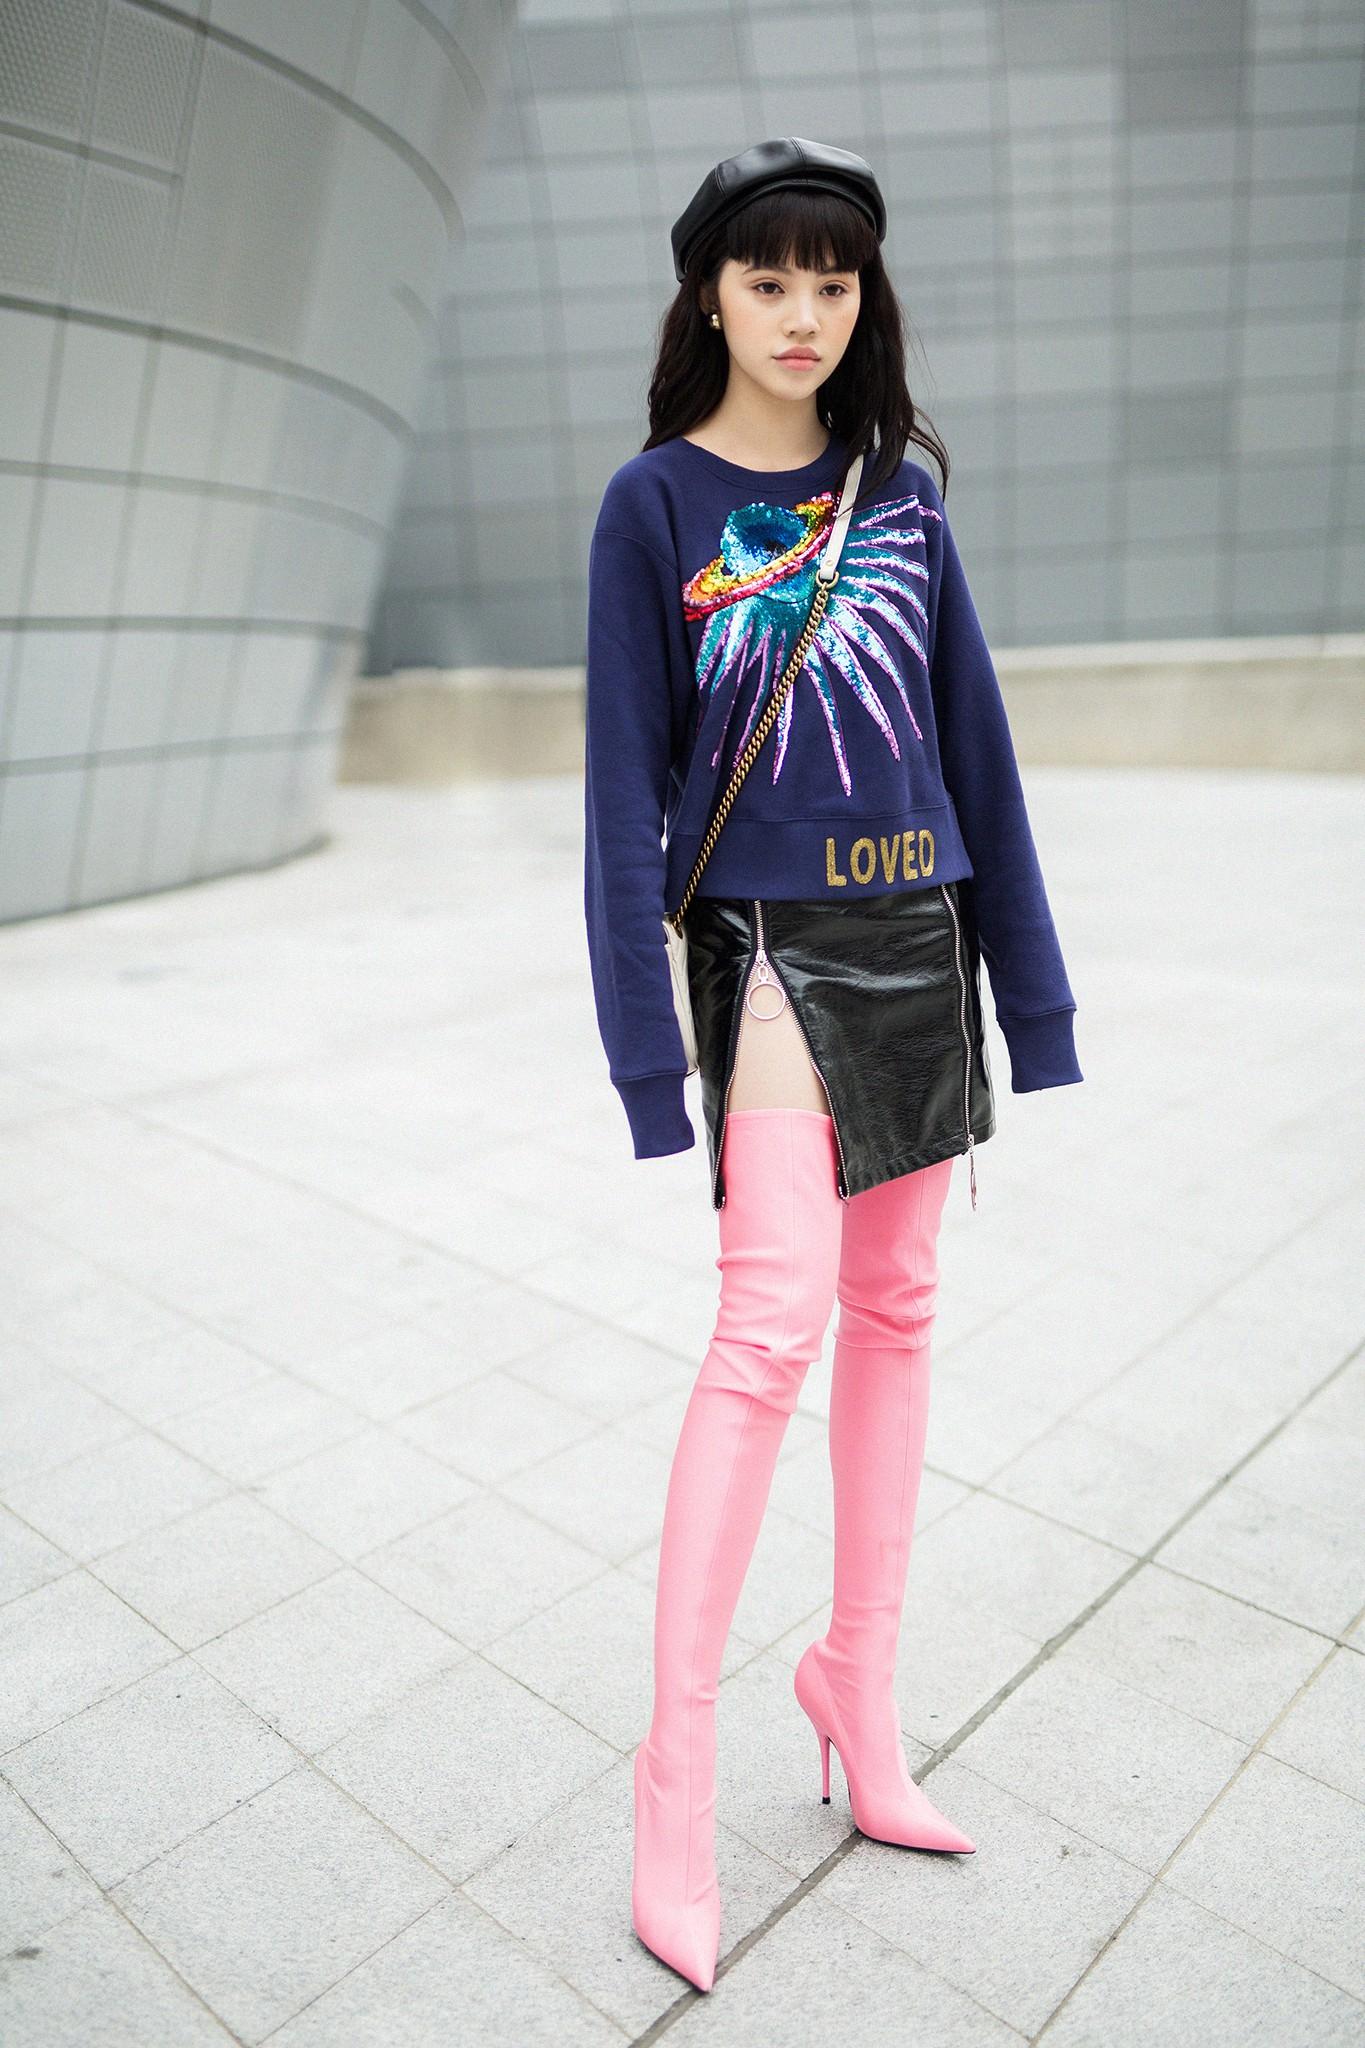 Không đơn thuần là khoe váy áo, sự bùng nổ của fashionista Việt tại các Tuần lễ thời trang còn mang ý nghĩa nhiều hơn thế - Ảnh 7.